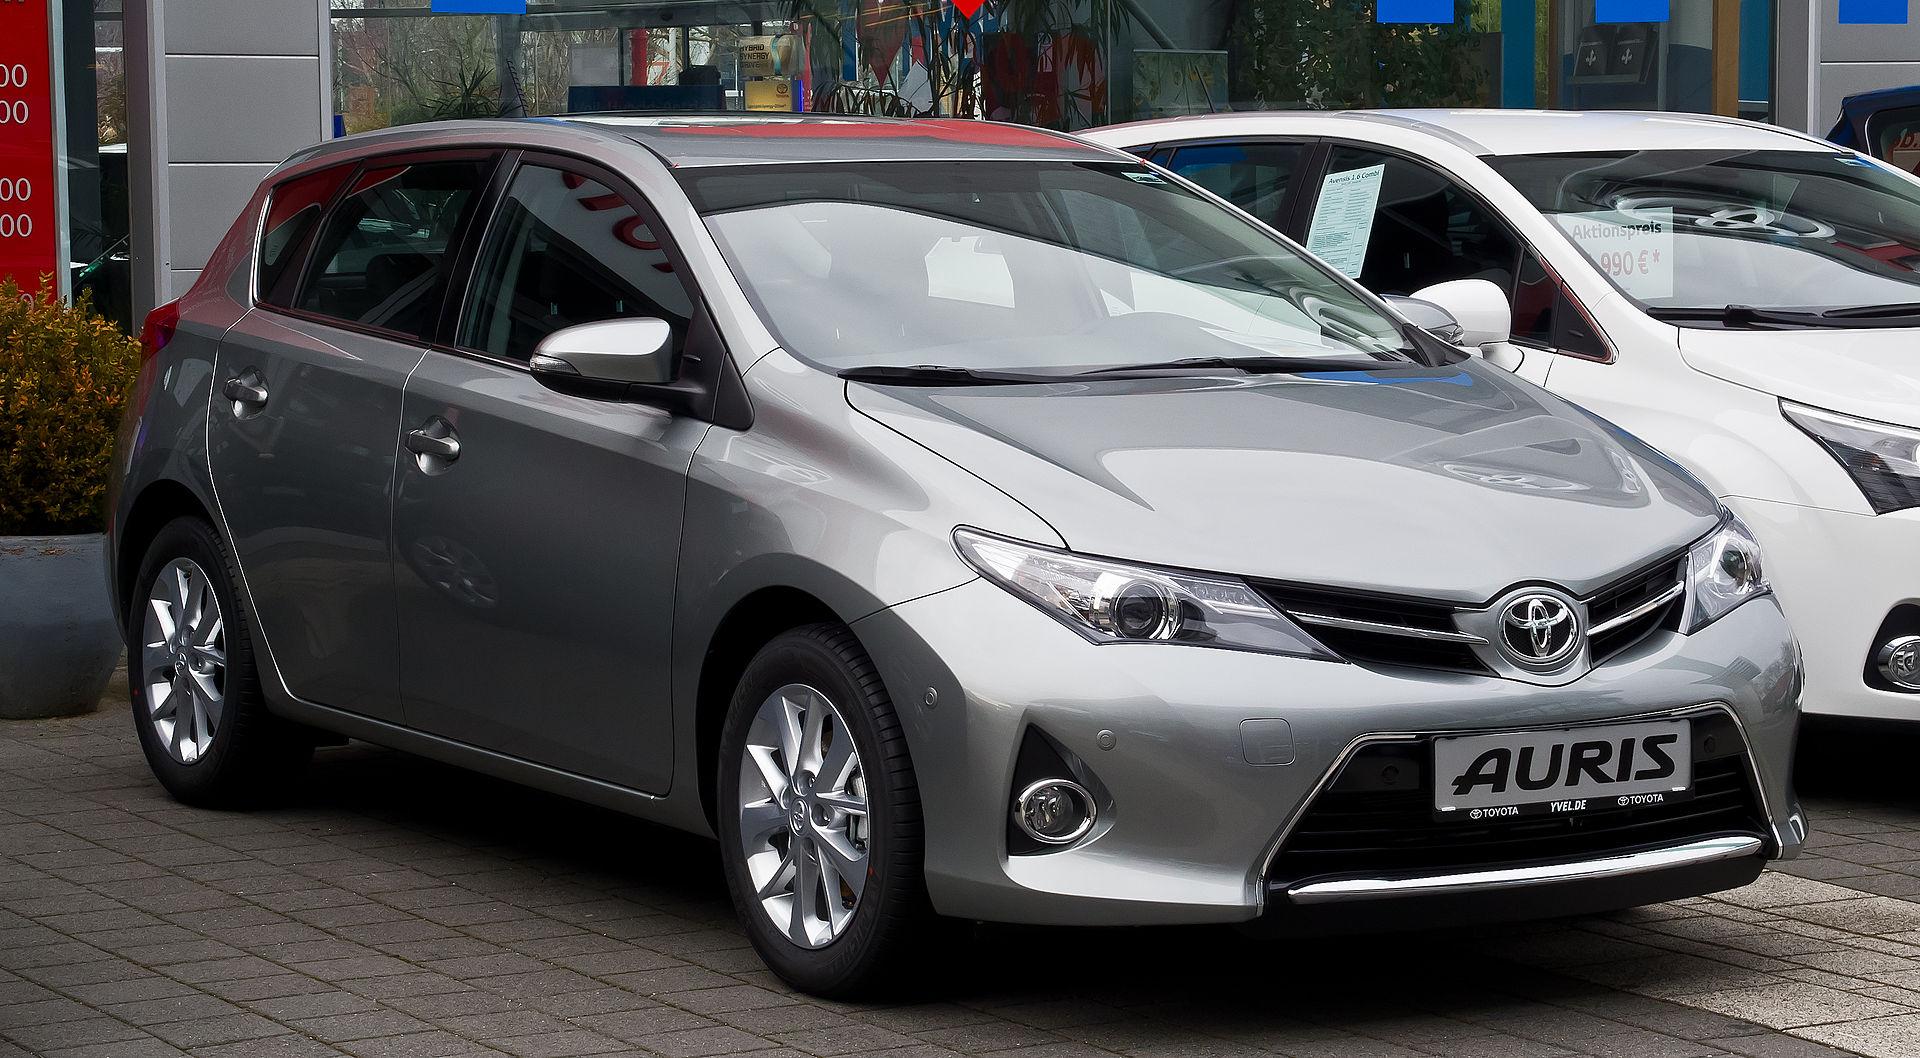 Toyota Auris zmienia wygląd